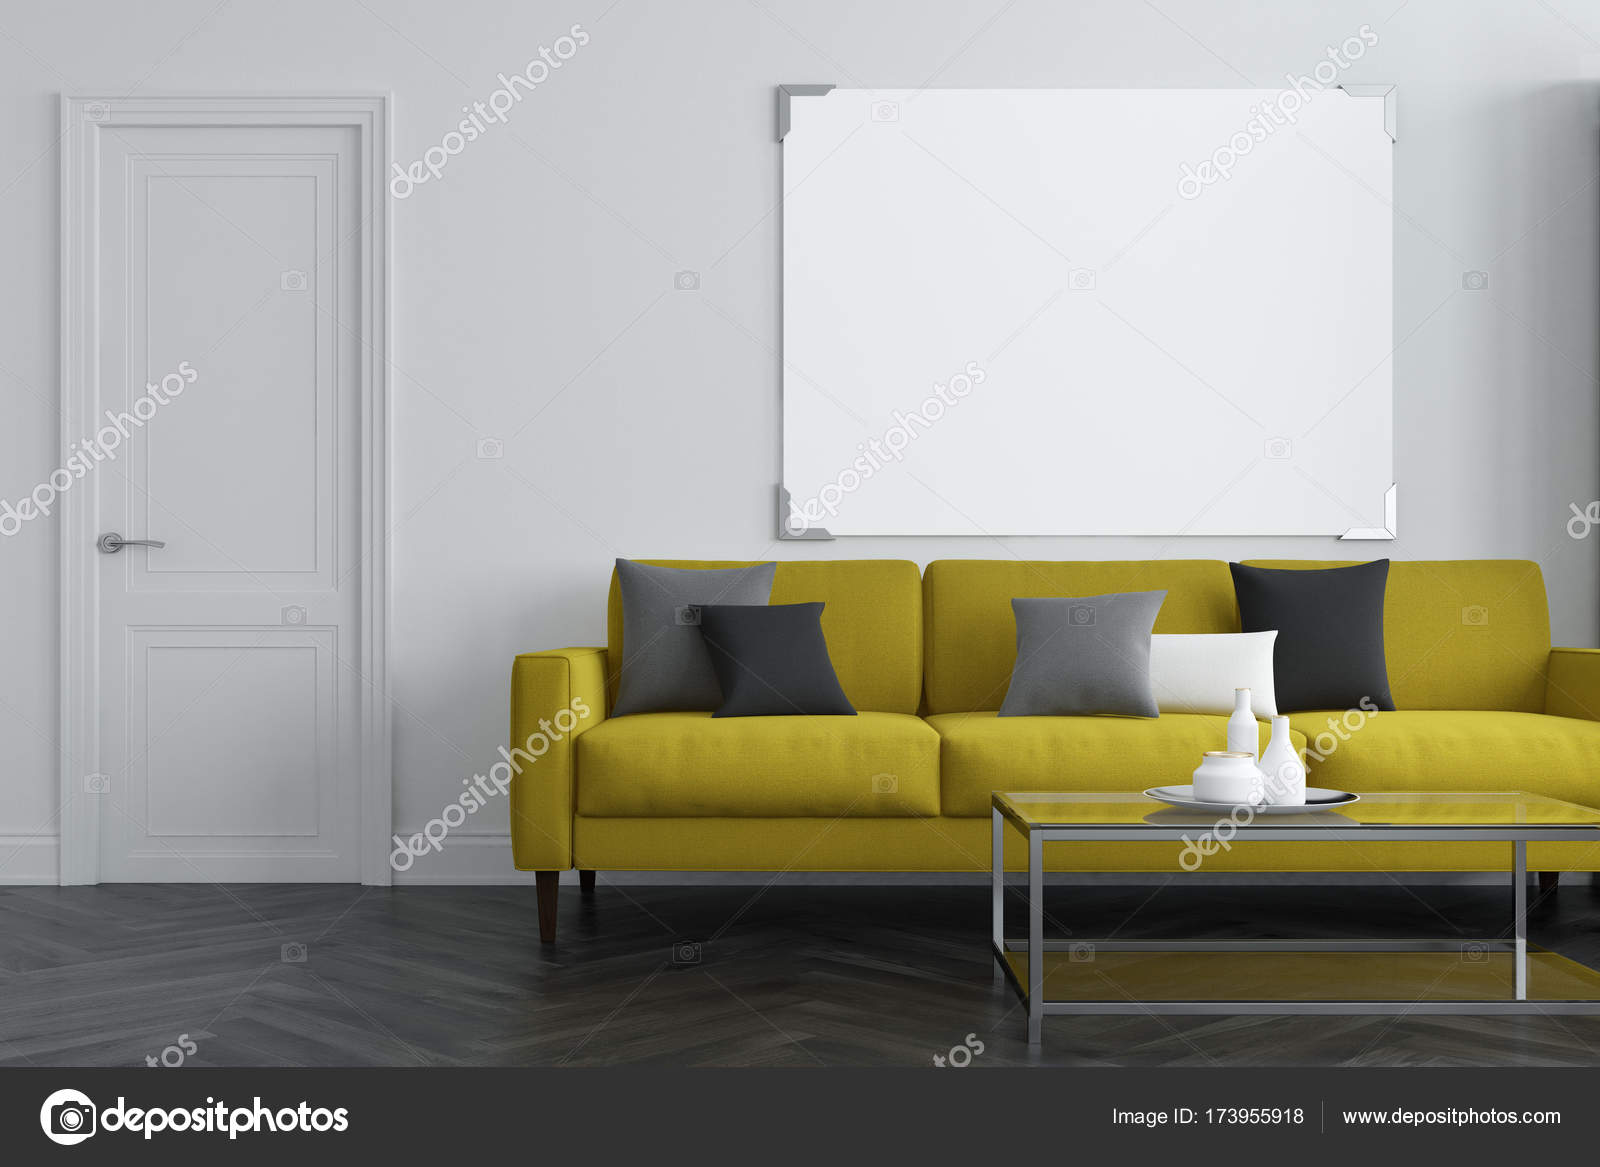 Divano salotto bianco giallo foto stock Salotto bianco